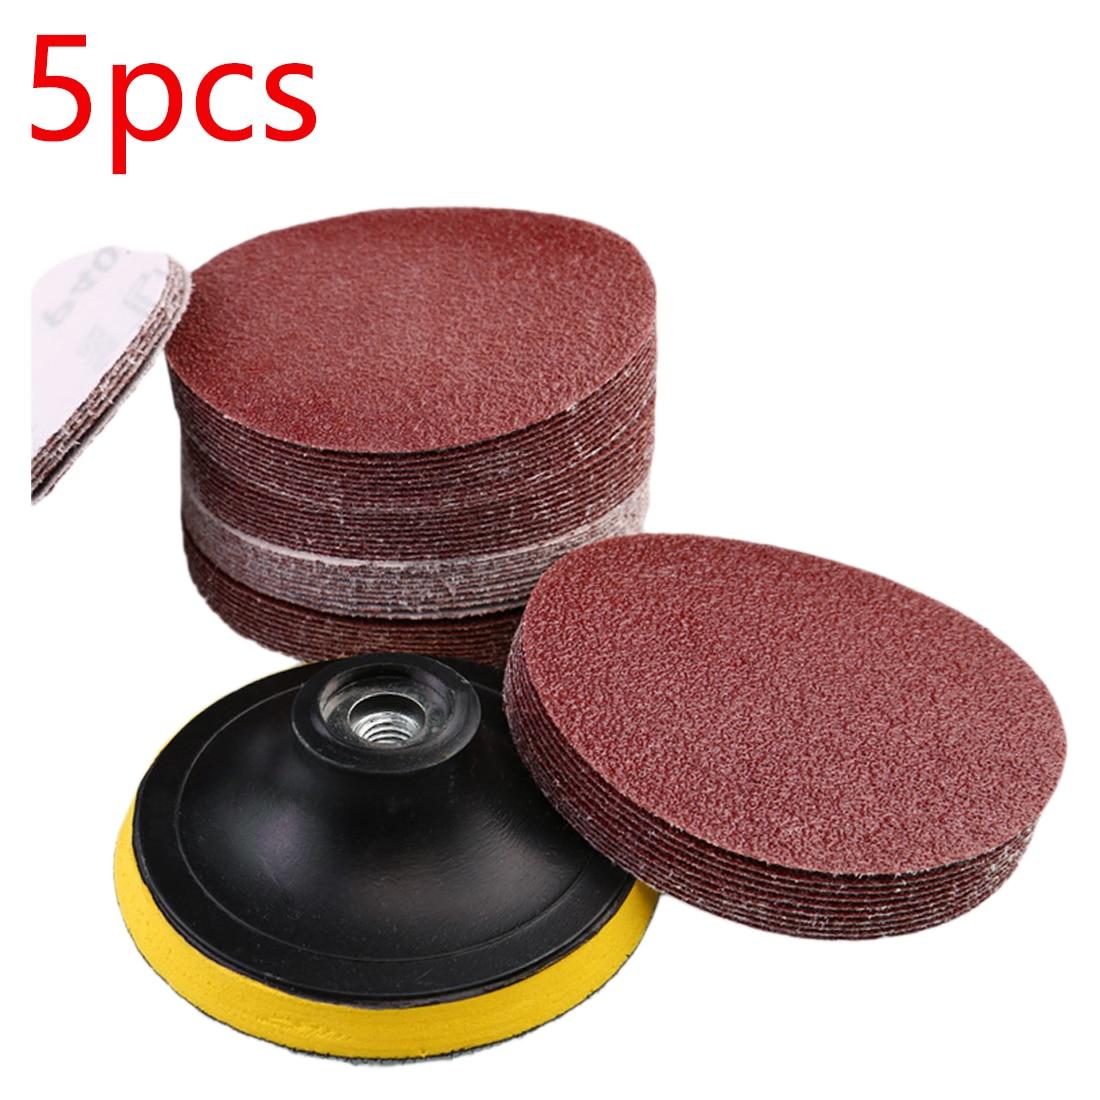 Шлифовальный диск с крючком для шлифовальной машины, красные полировальные диски, круглые шлифовальные диски, шлифовальные листы, низкая ц...